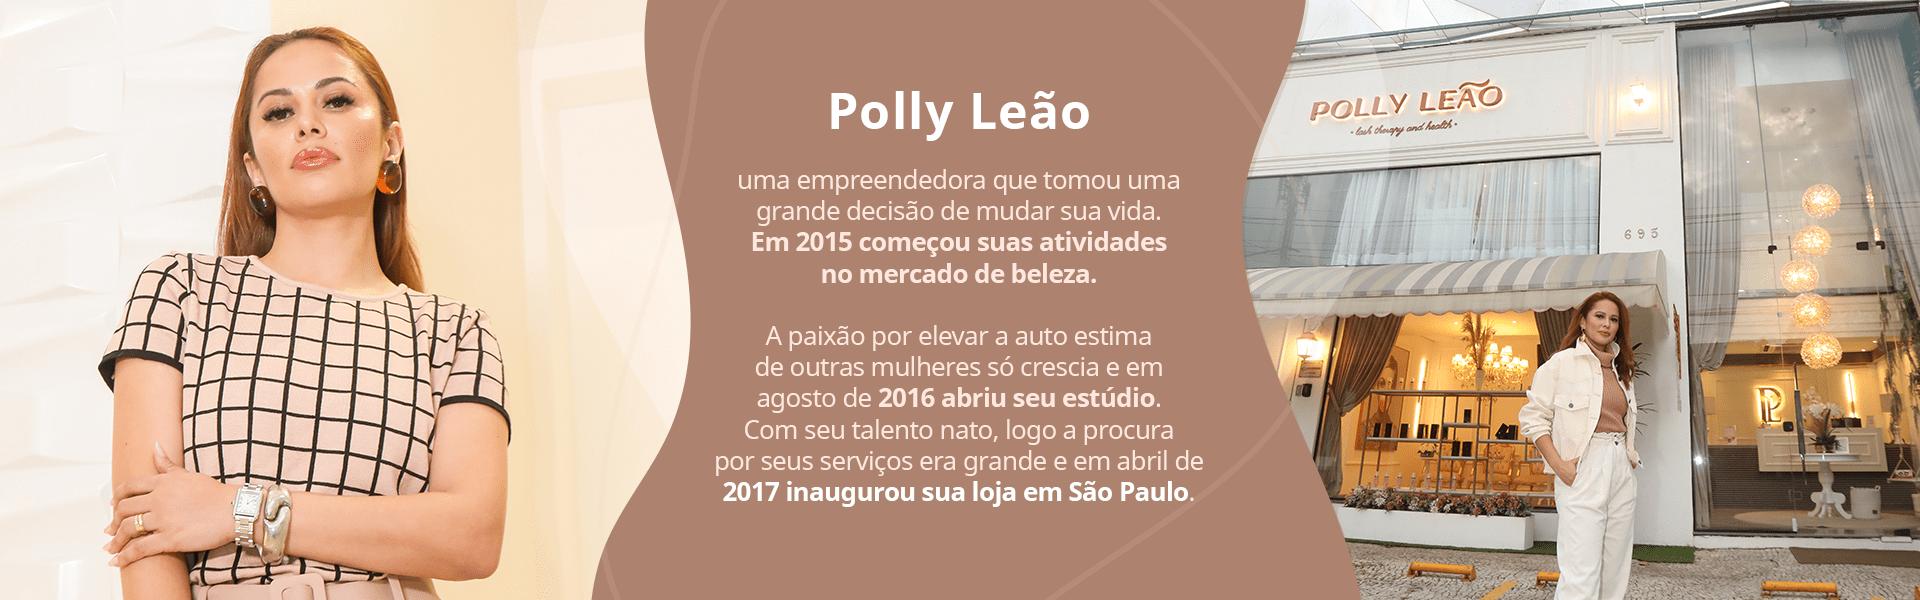 Polly Leão